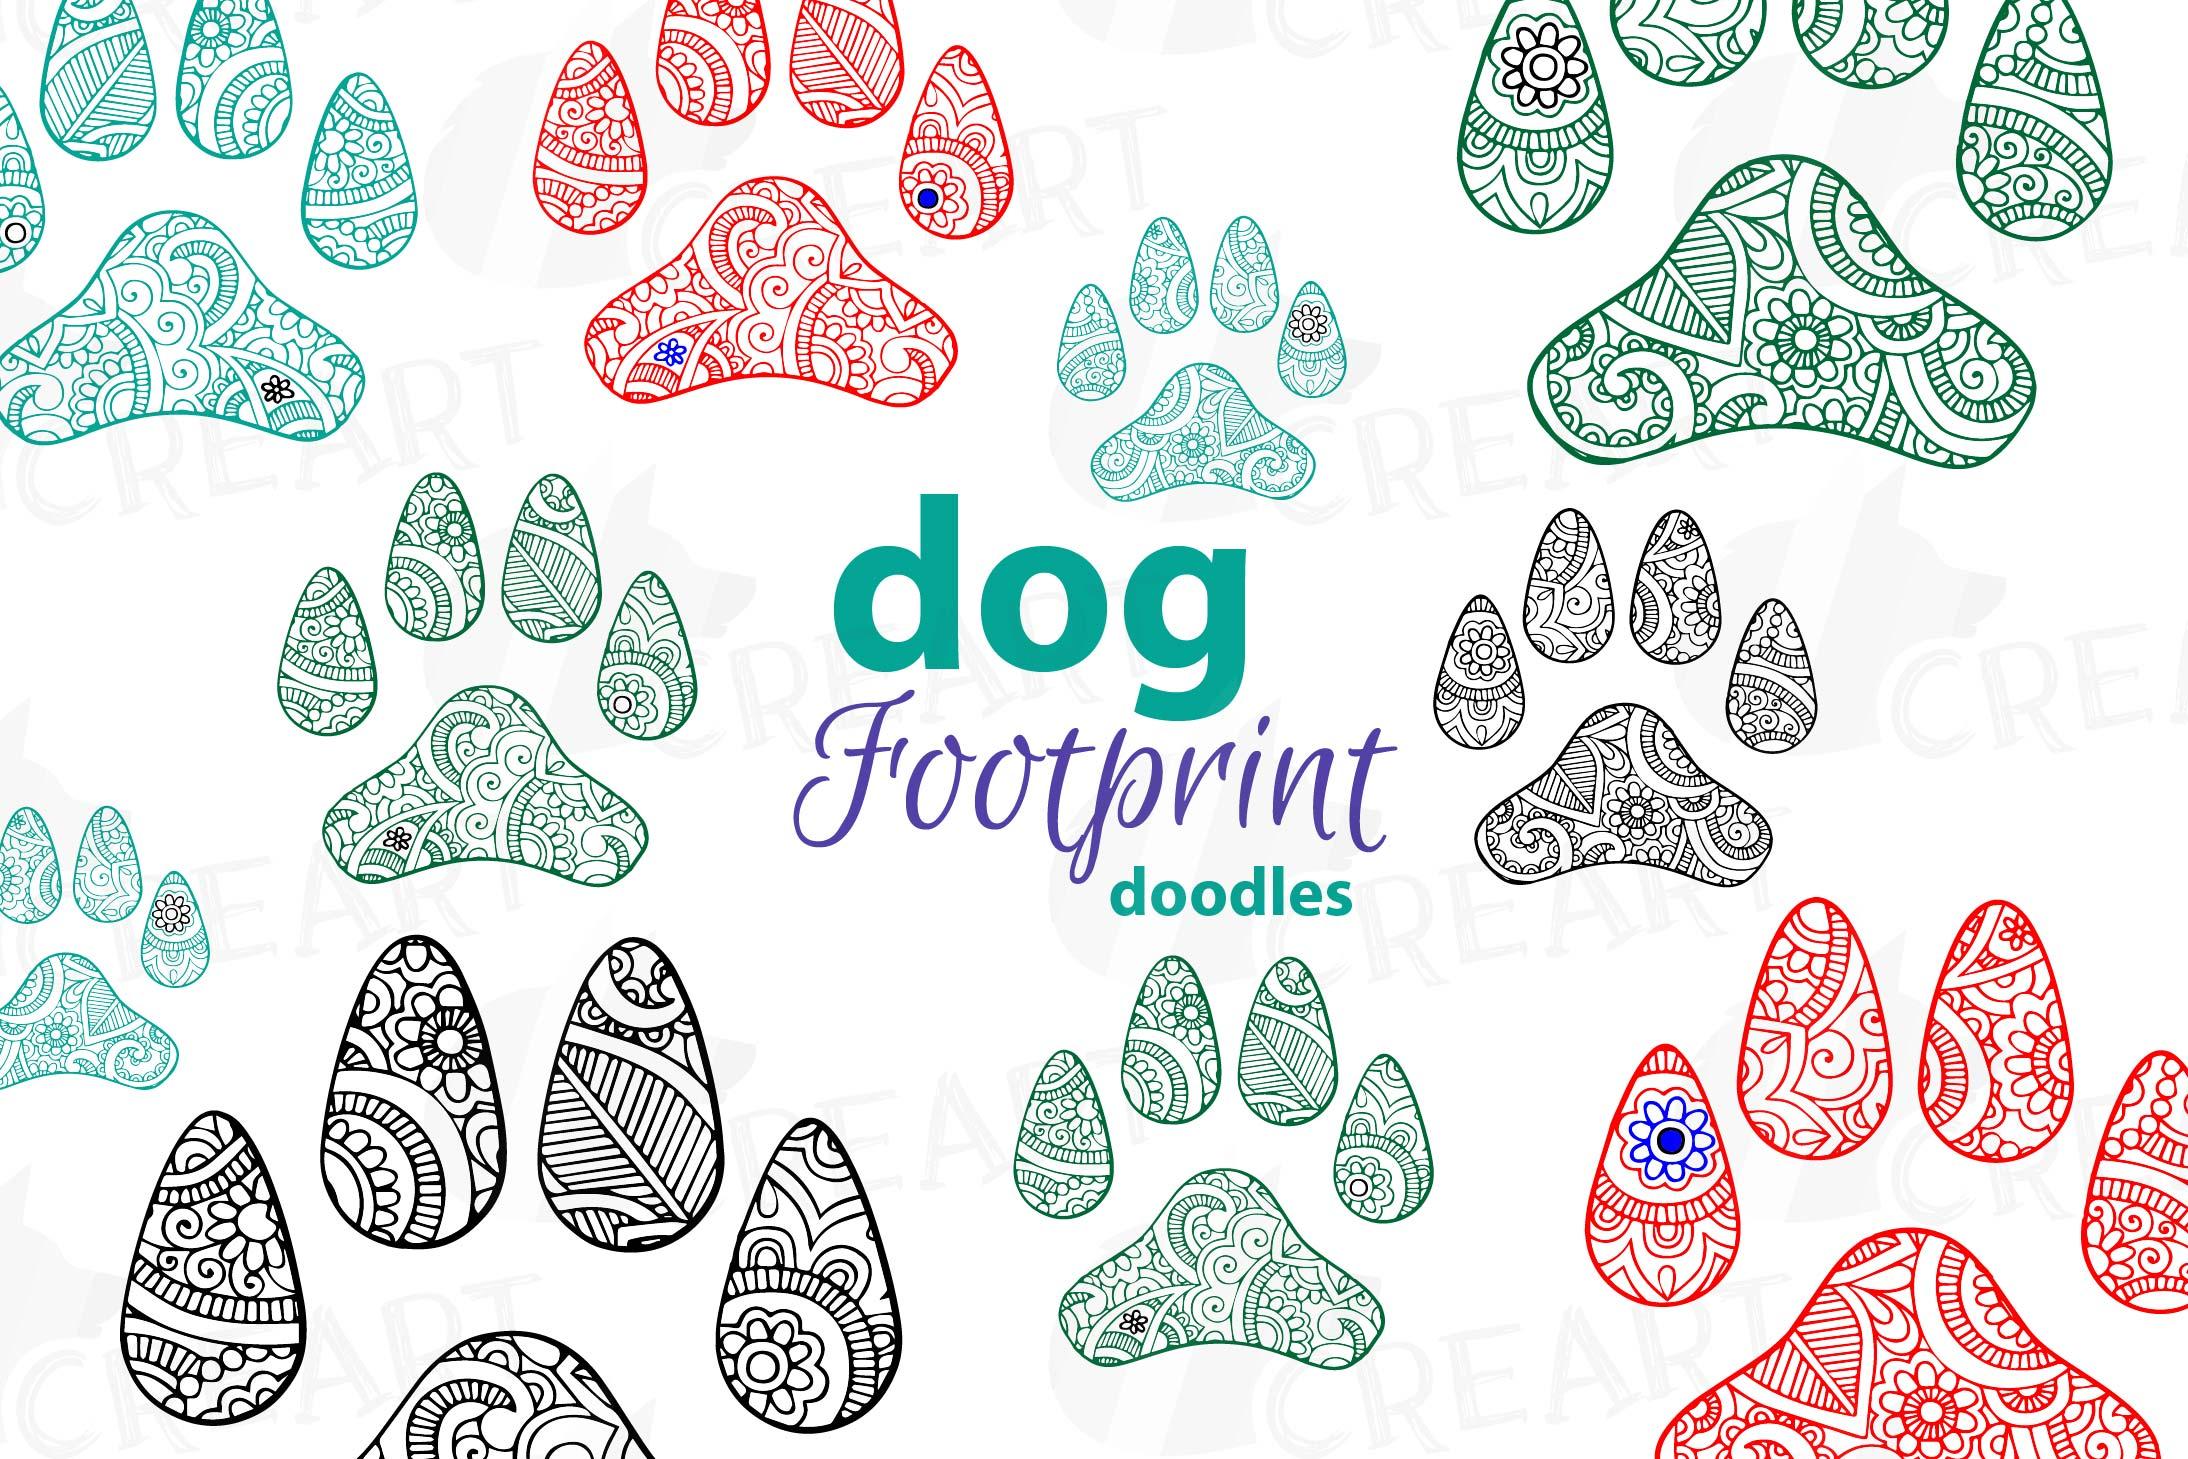 Dog Footprint Doodle Clip Art, Hand Drawn Illustration Of Dog